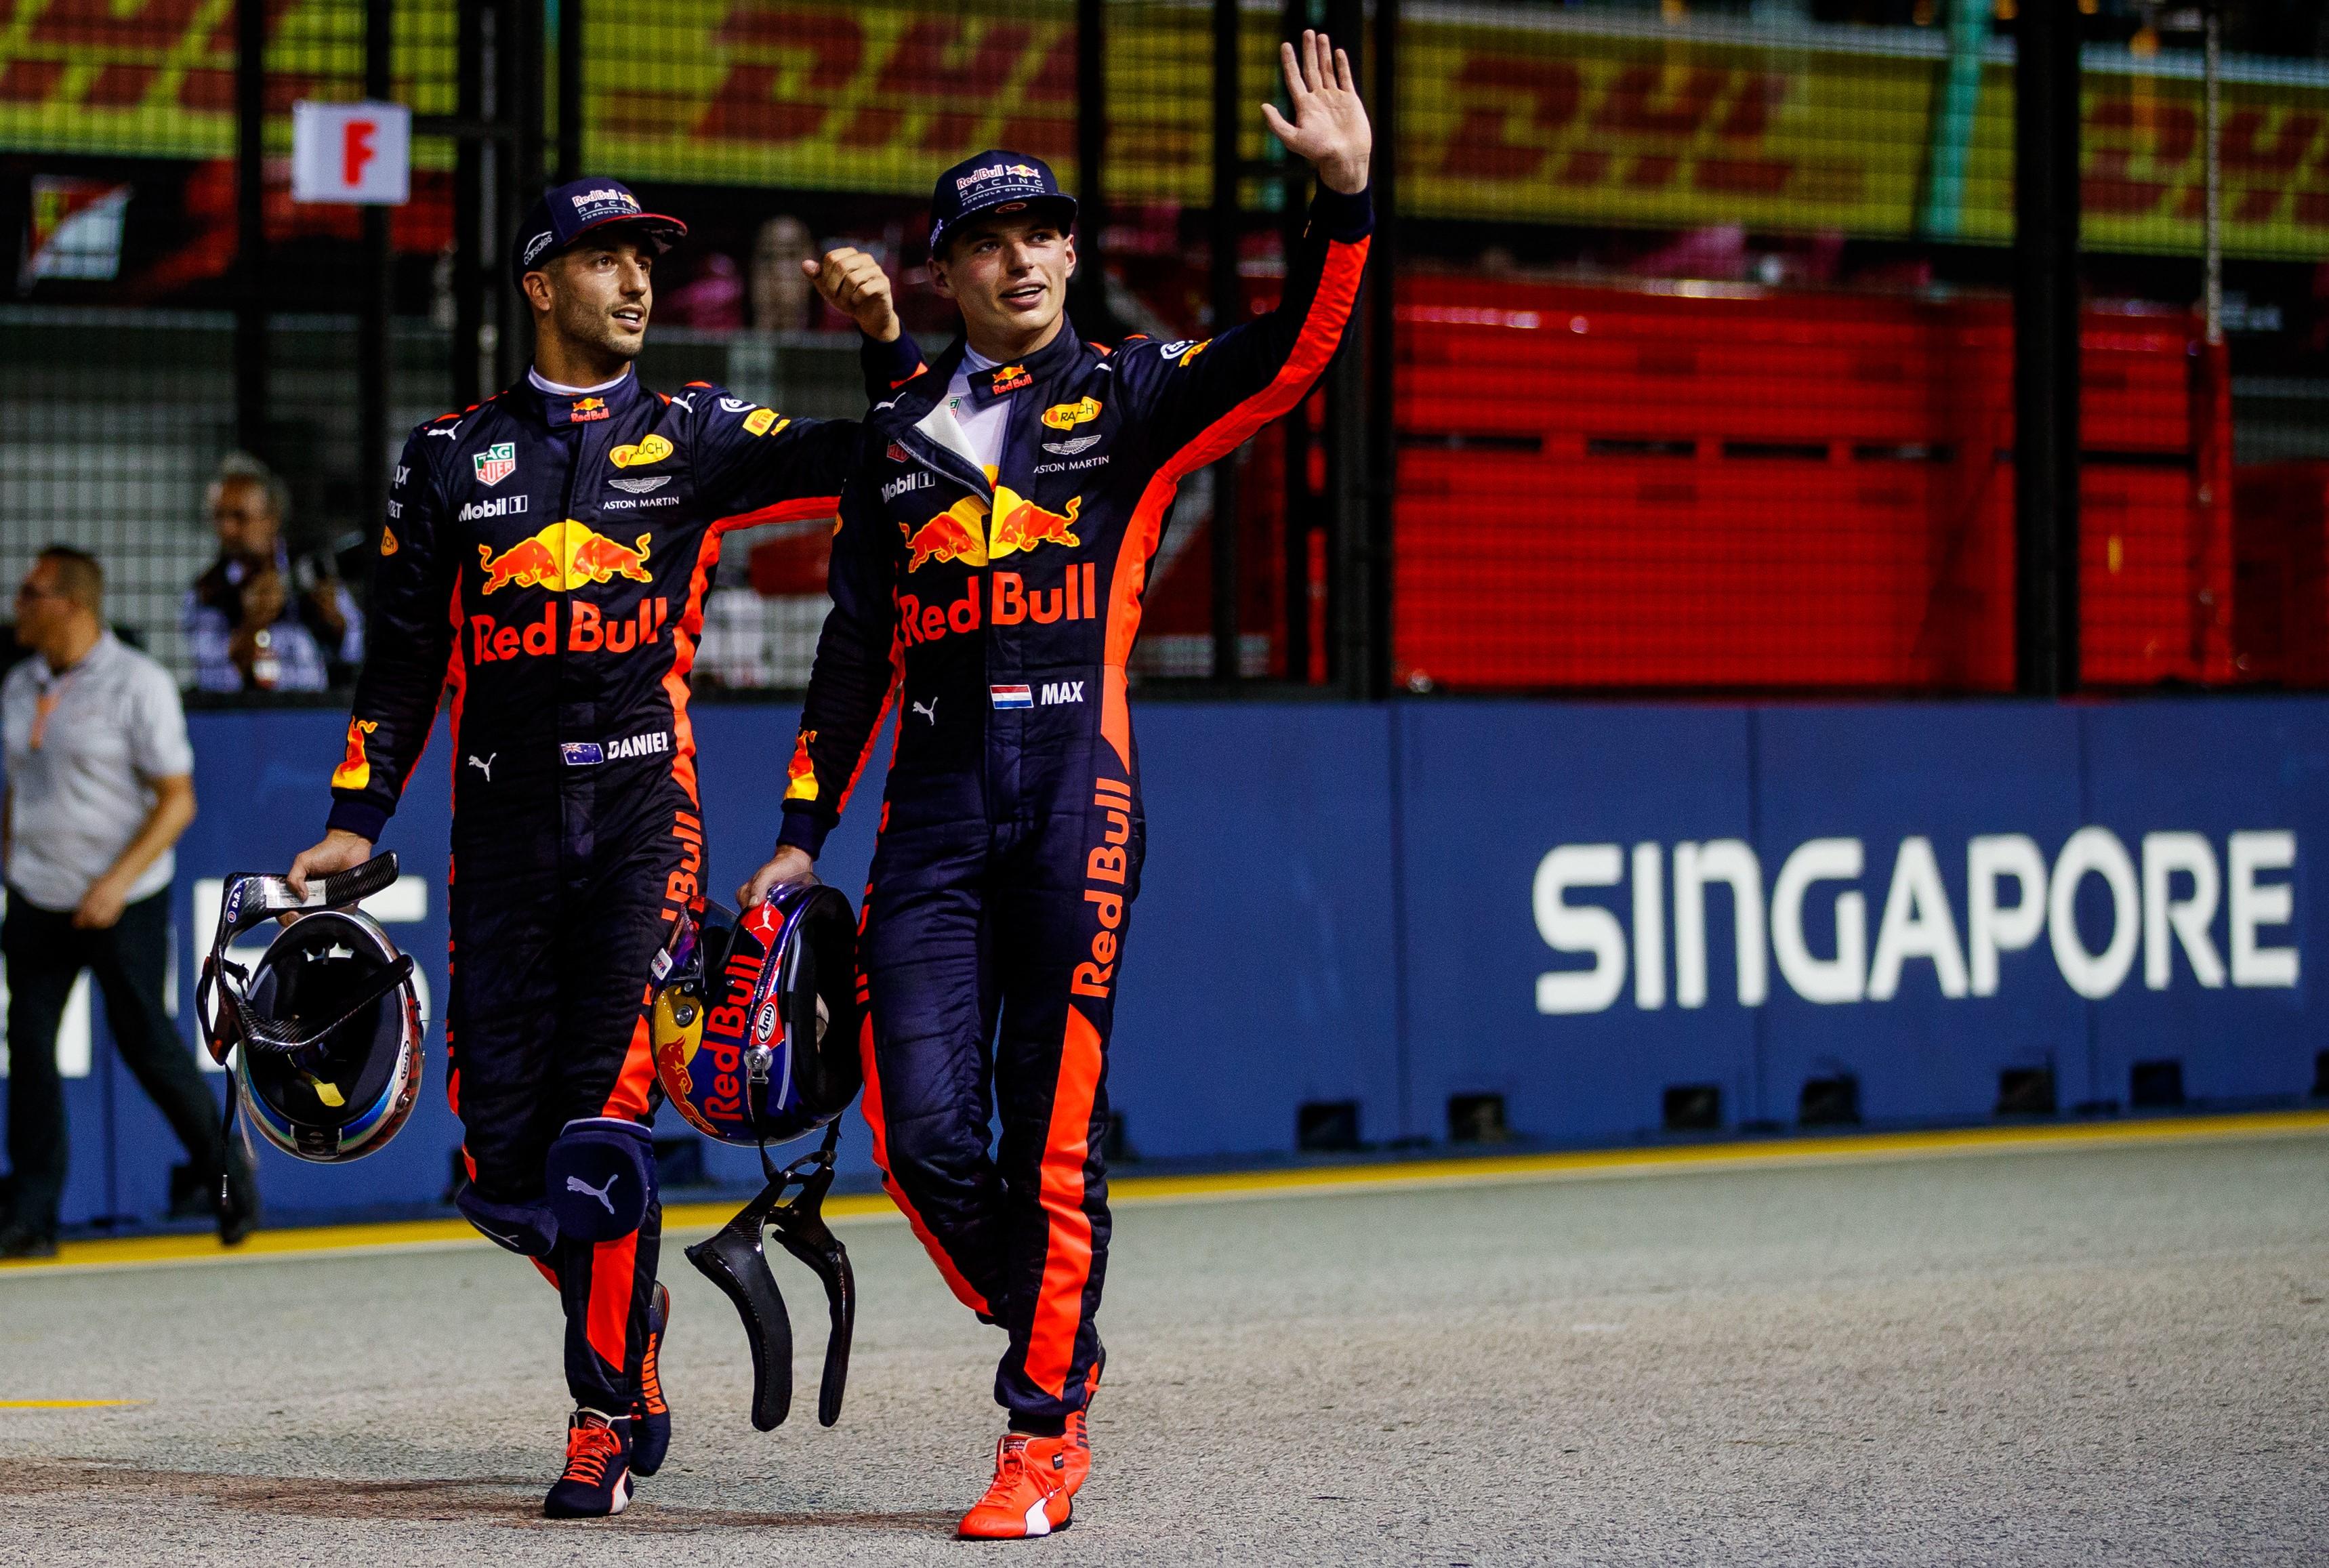 Daniel Ricciardo et Max Verstappen (Red Bull) au Grand Prix de Singapour 2017